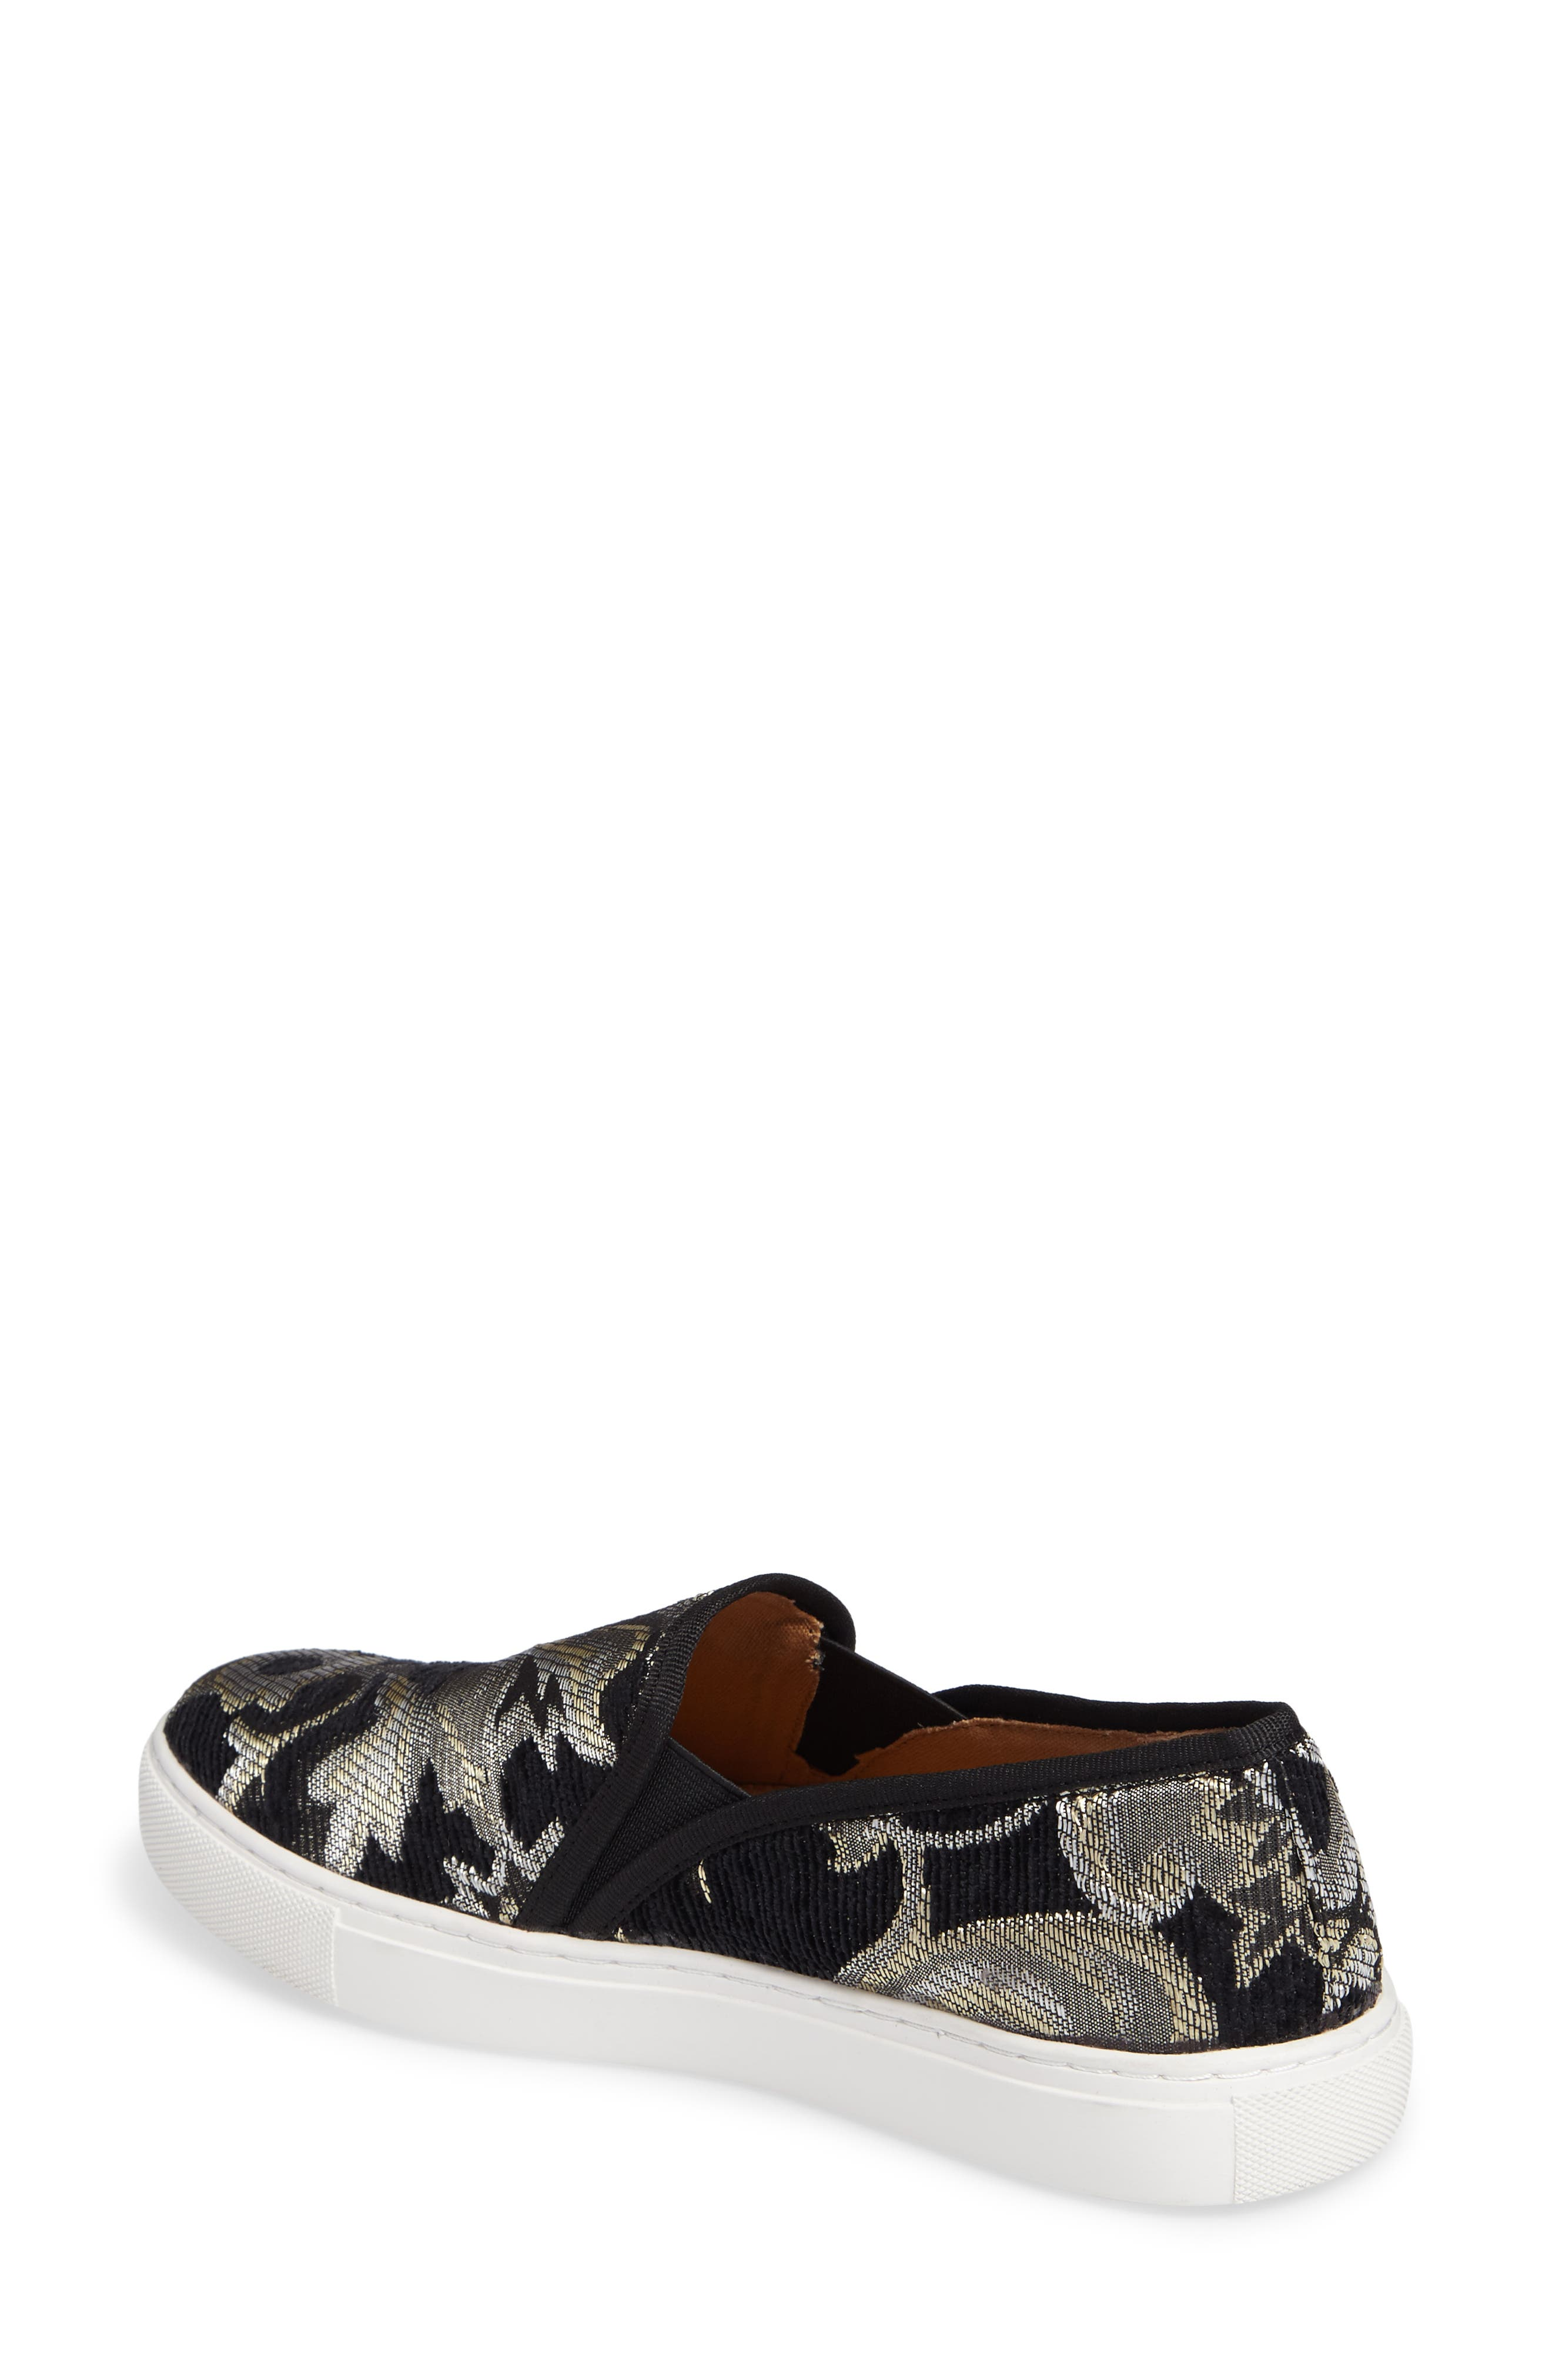 Skipper Slip-On Sneaker,                             Alternate thumbnail 2, color,                             Black Brocade Leather